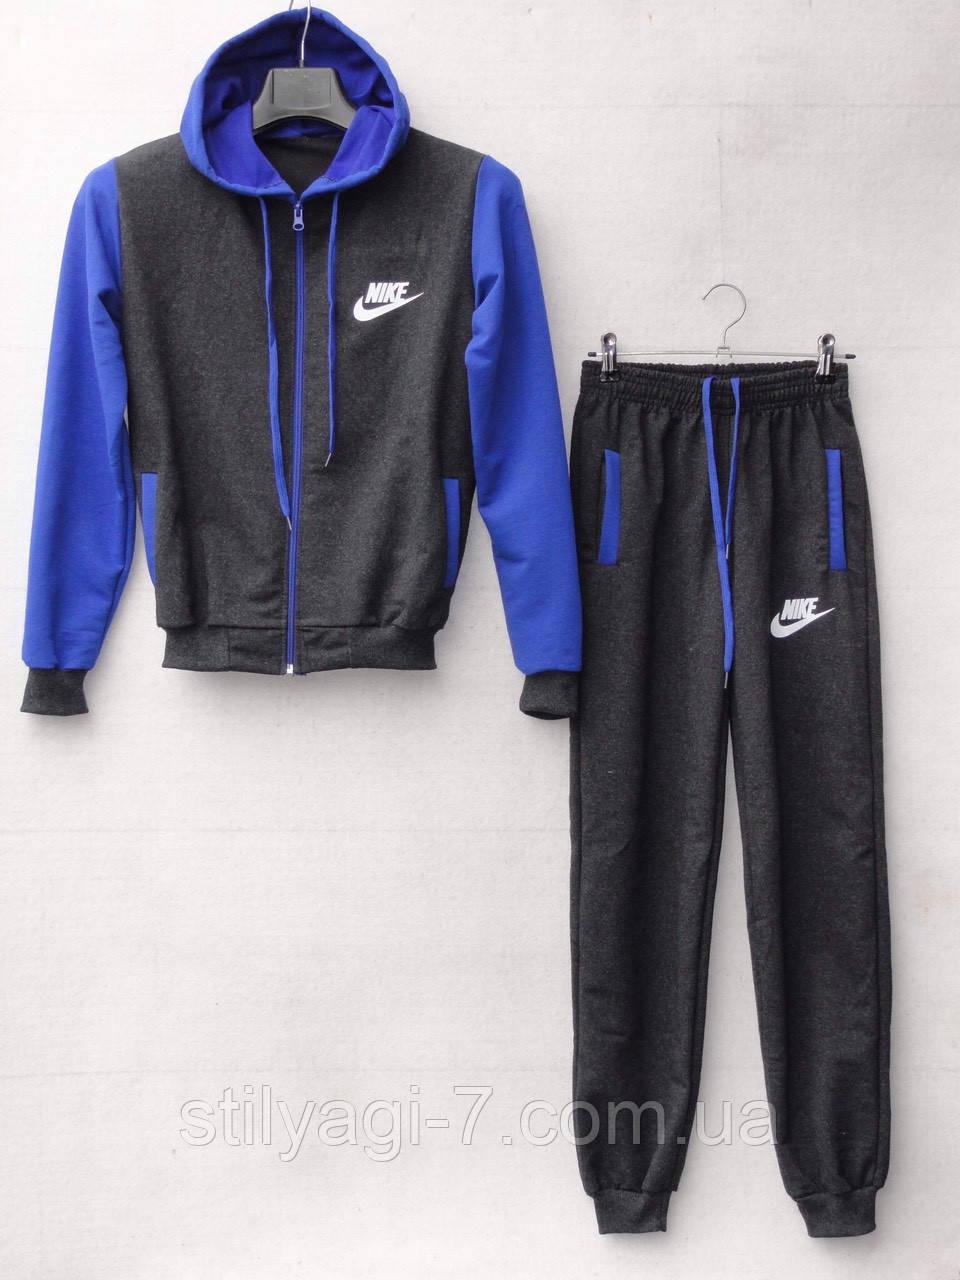 Спортивний костюм для хлопчика на 8-11 років сірого, синього кольору із капюшоном Nike оптом